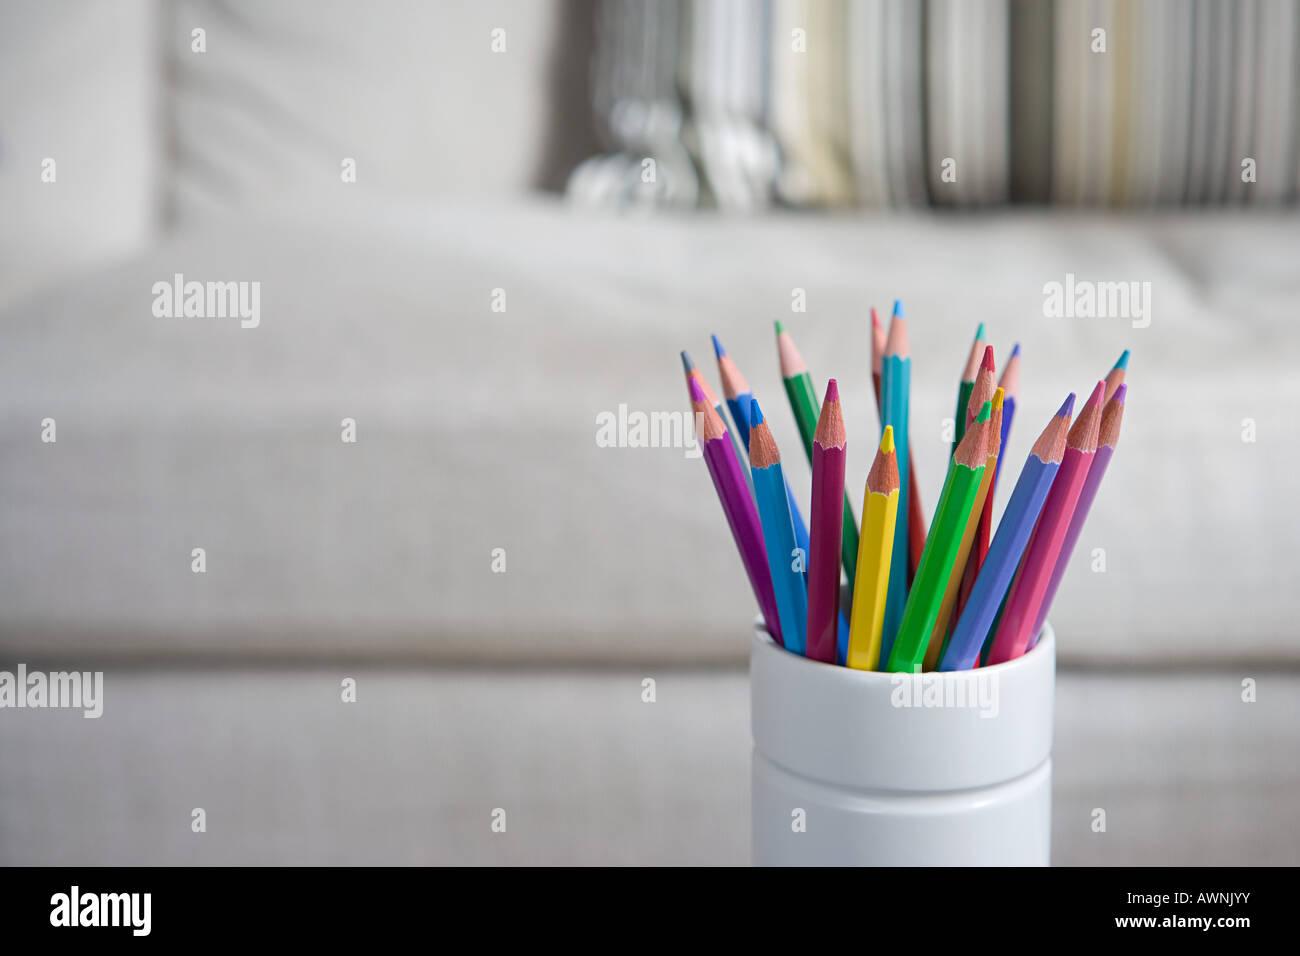 Buntstifte in einem Schreibtisch aufgeräumt Stockbild